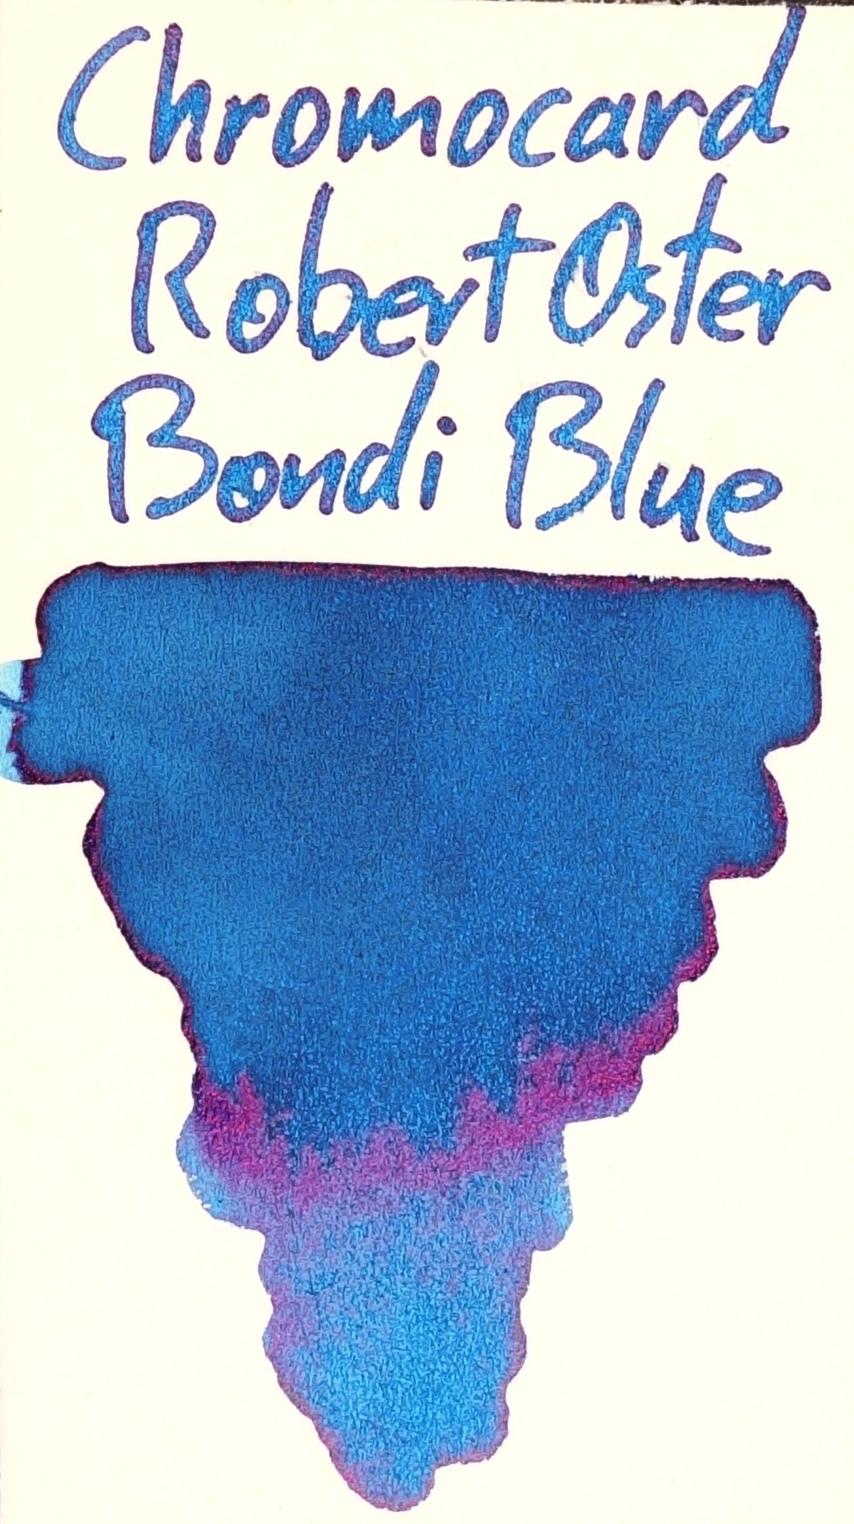 Robert Oster Bondi Blue Chromocard.JPG